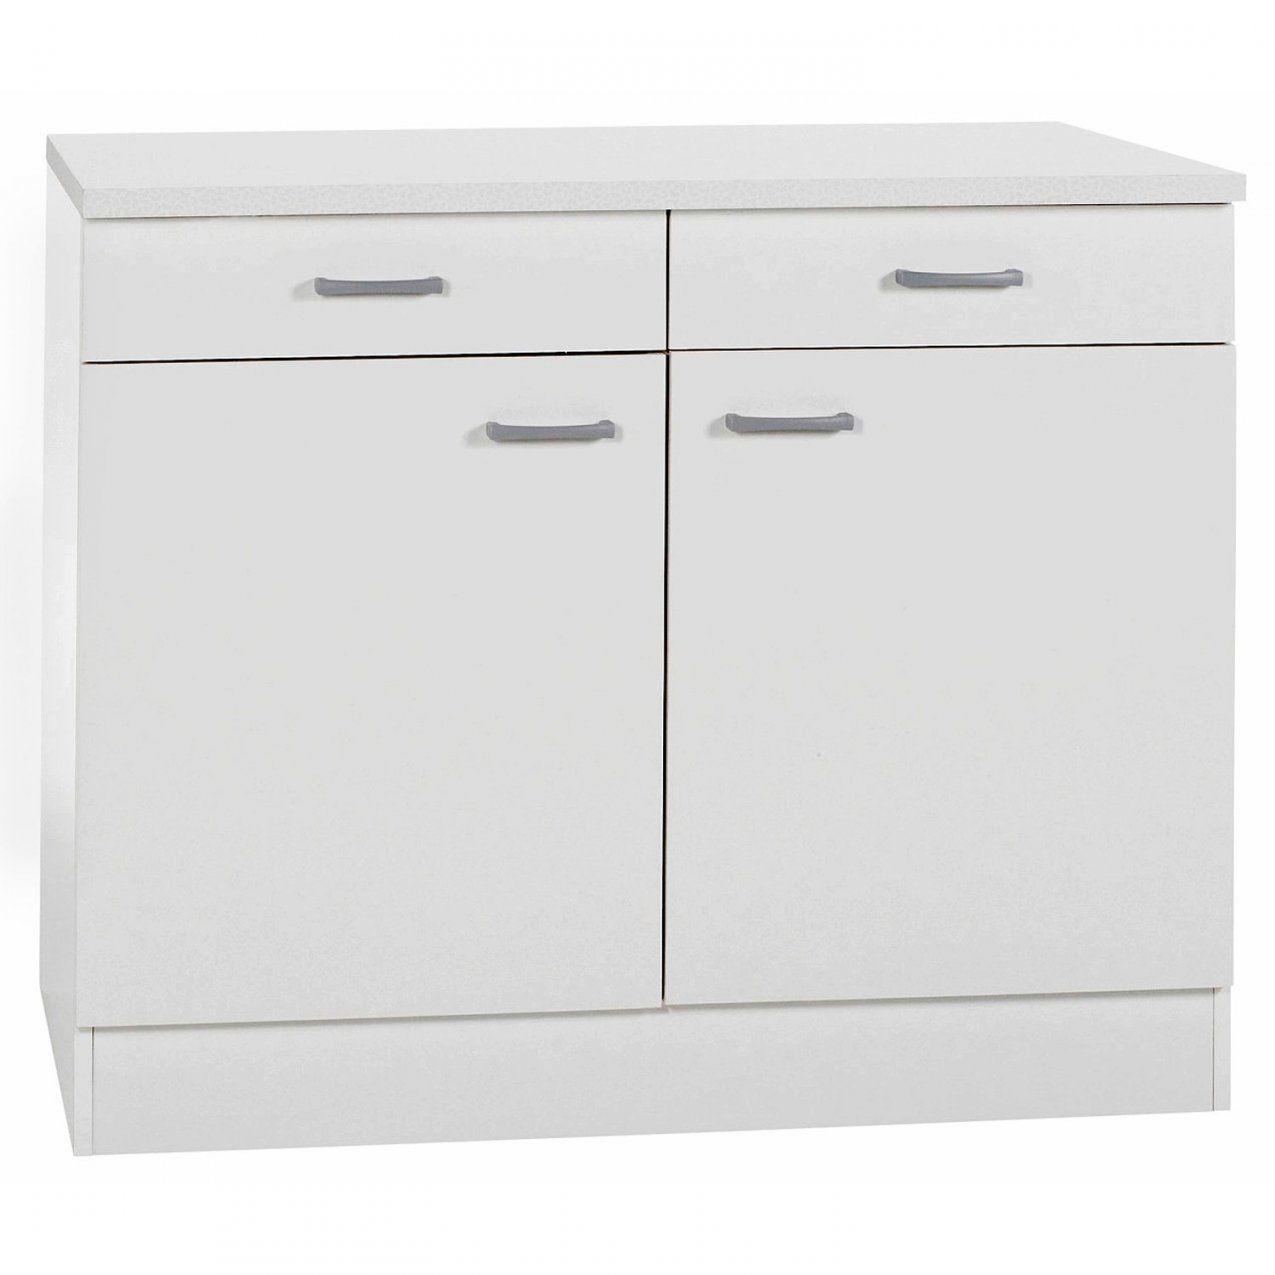 Küchenschrank Günstig Online Kaufen Bei Obi von Küchenunterschrank Weiß 40 Cm Breit Photo